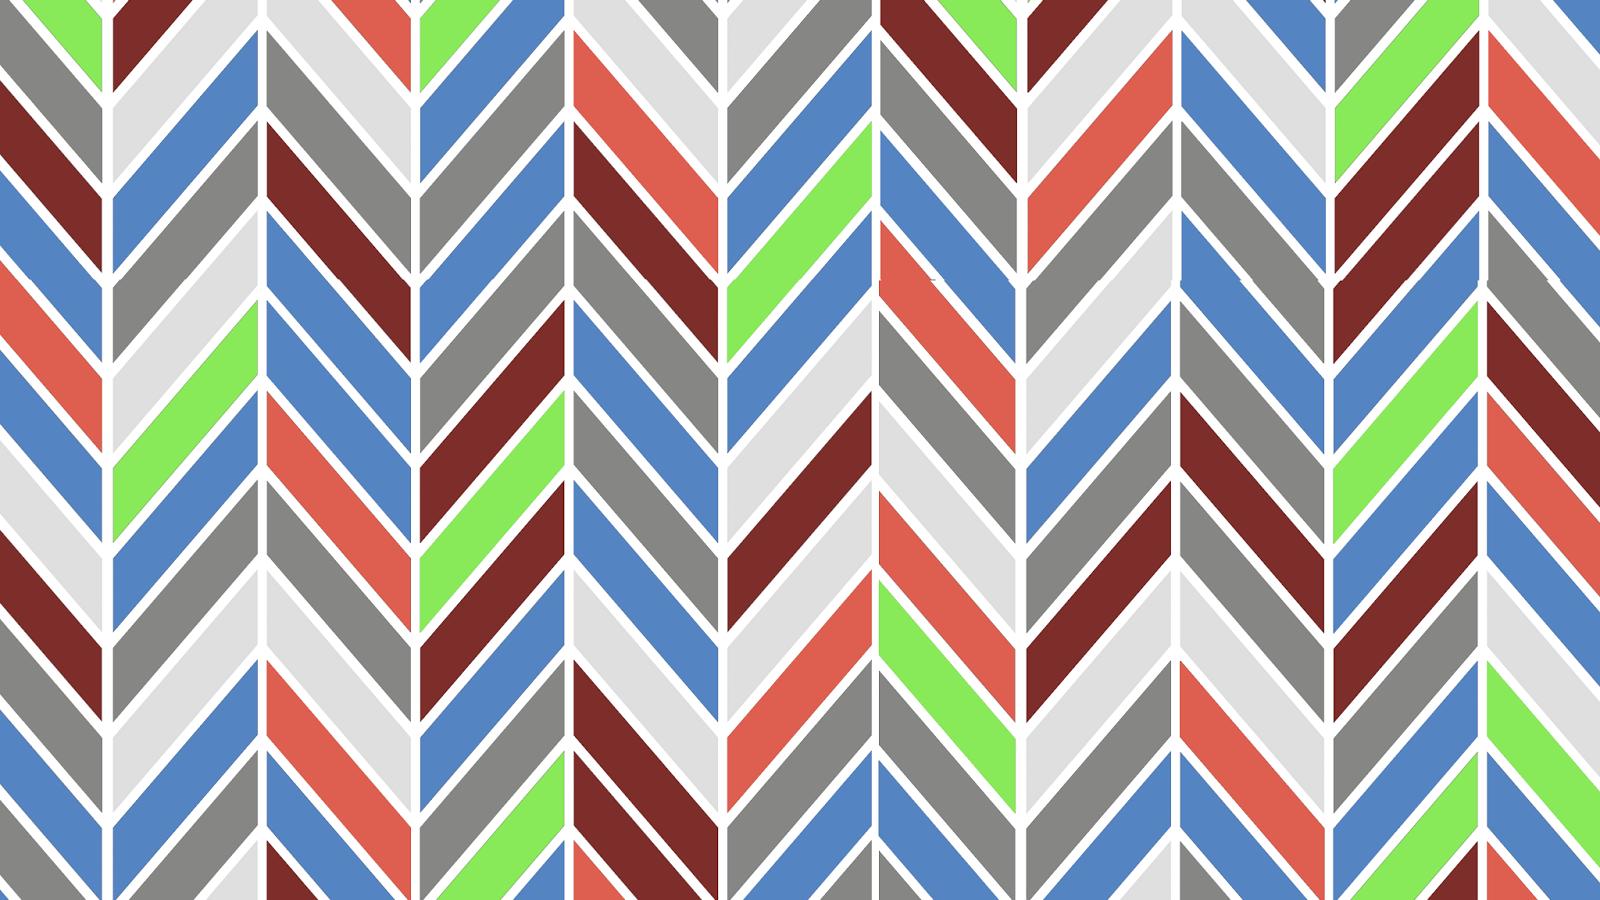 chevron pattern wallpaper - 900×900